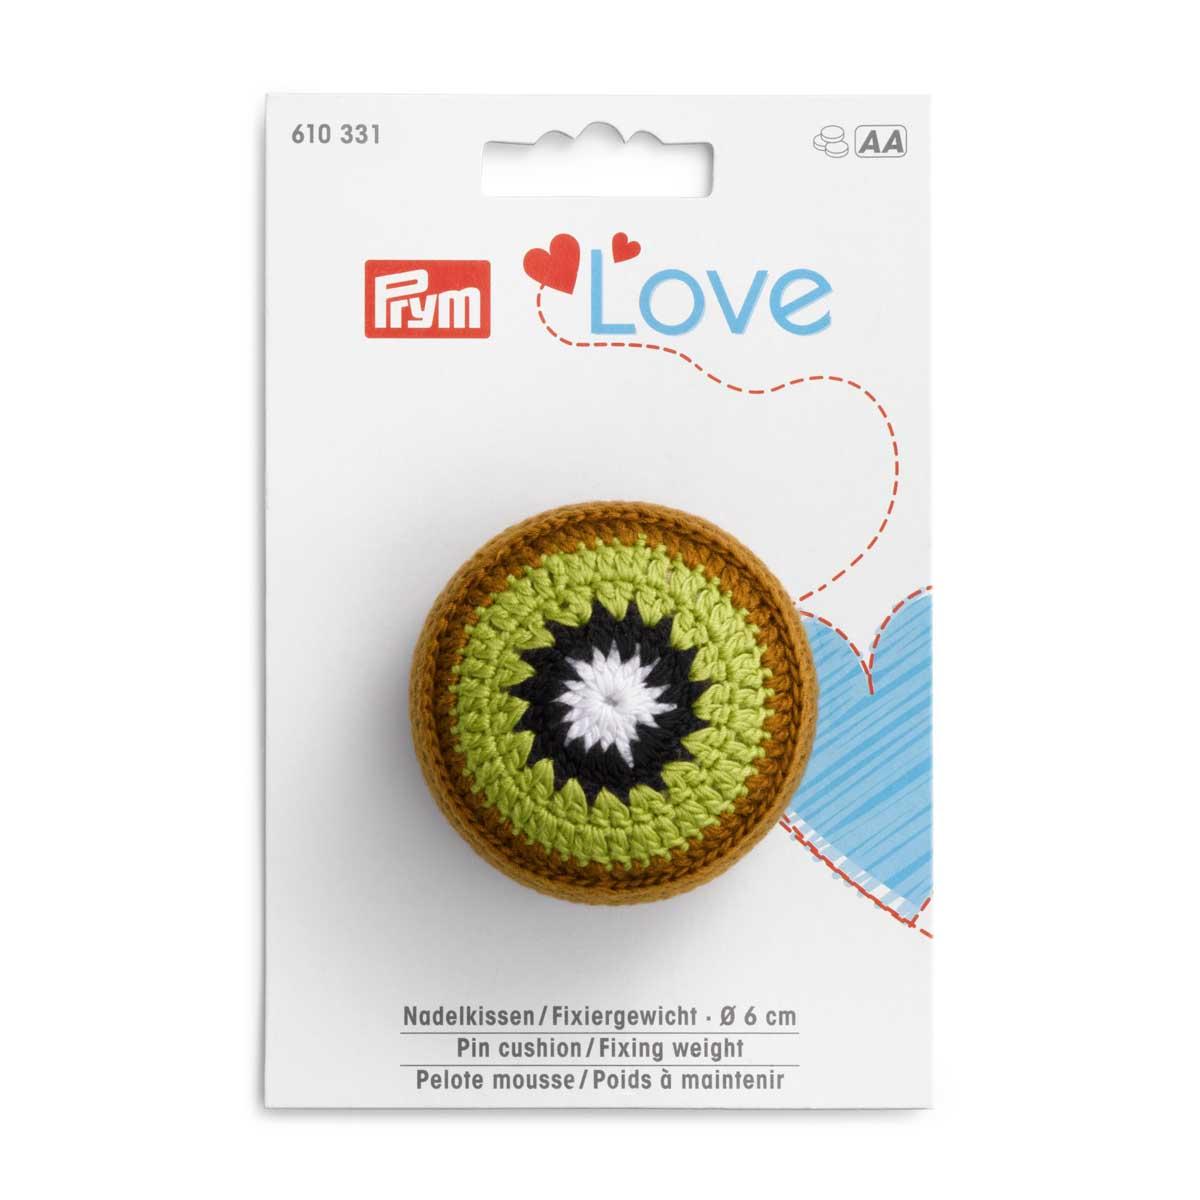 610331 Игольница киви Prym Love с фиксирующей гирей, Prym